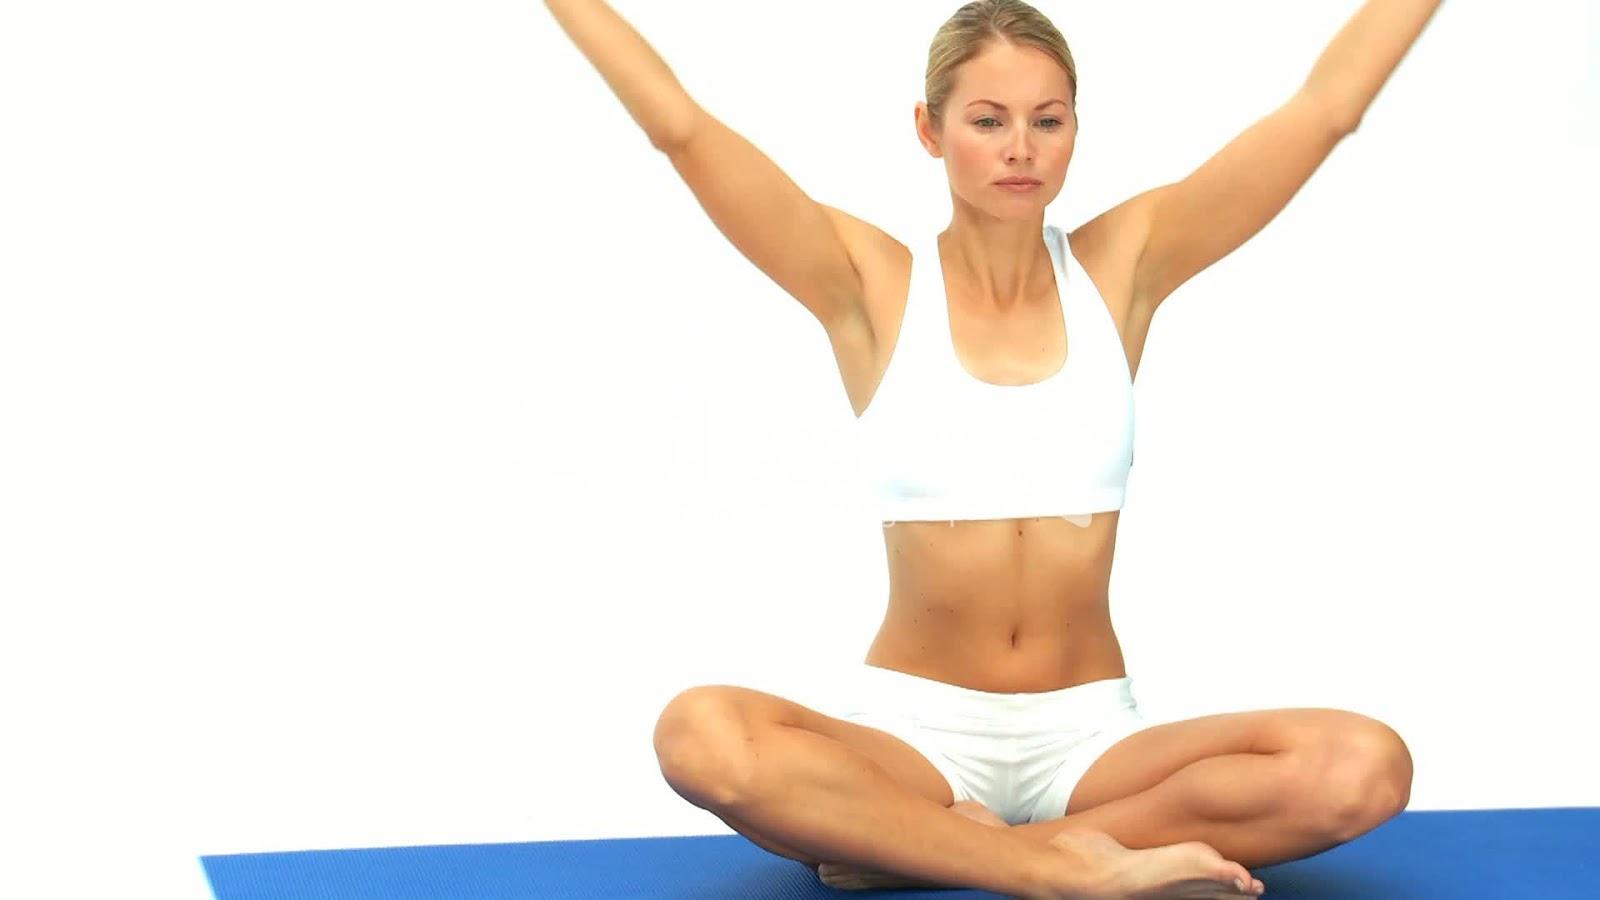 [BBBKEYWORD]. Эффективное похудение живота с помощью дыхательной гимнастики